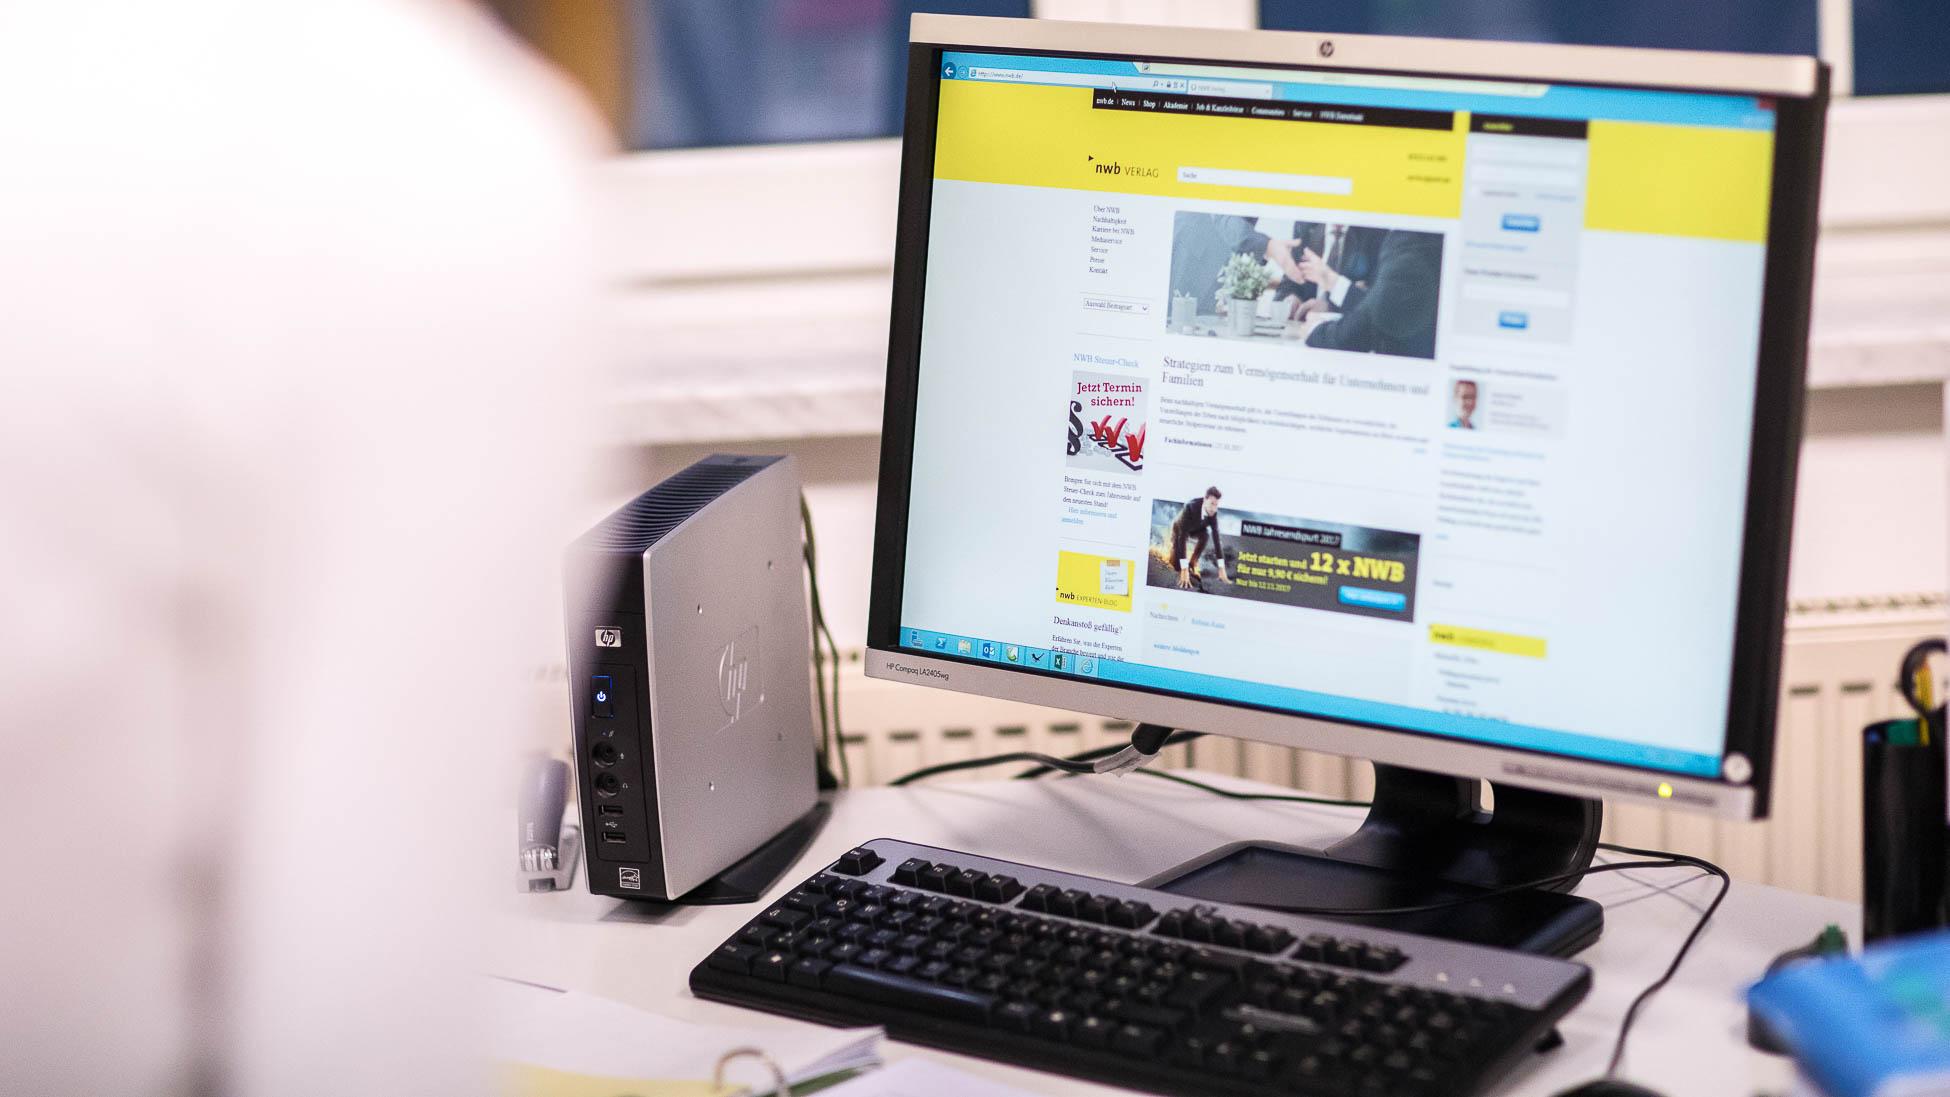 Sekretariat Bildschirm in Kanzlei Zieglmeier und Stark, Wirtschaftsprüfer und Steuerberater in Ingolstadt